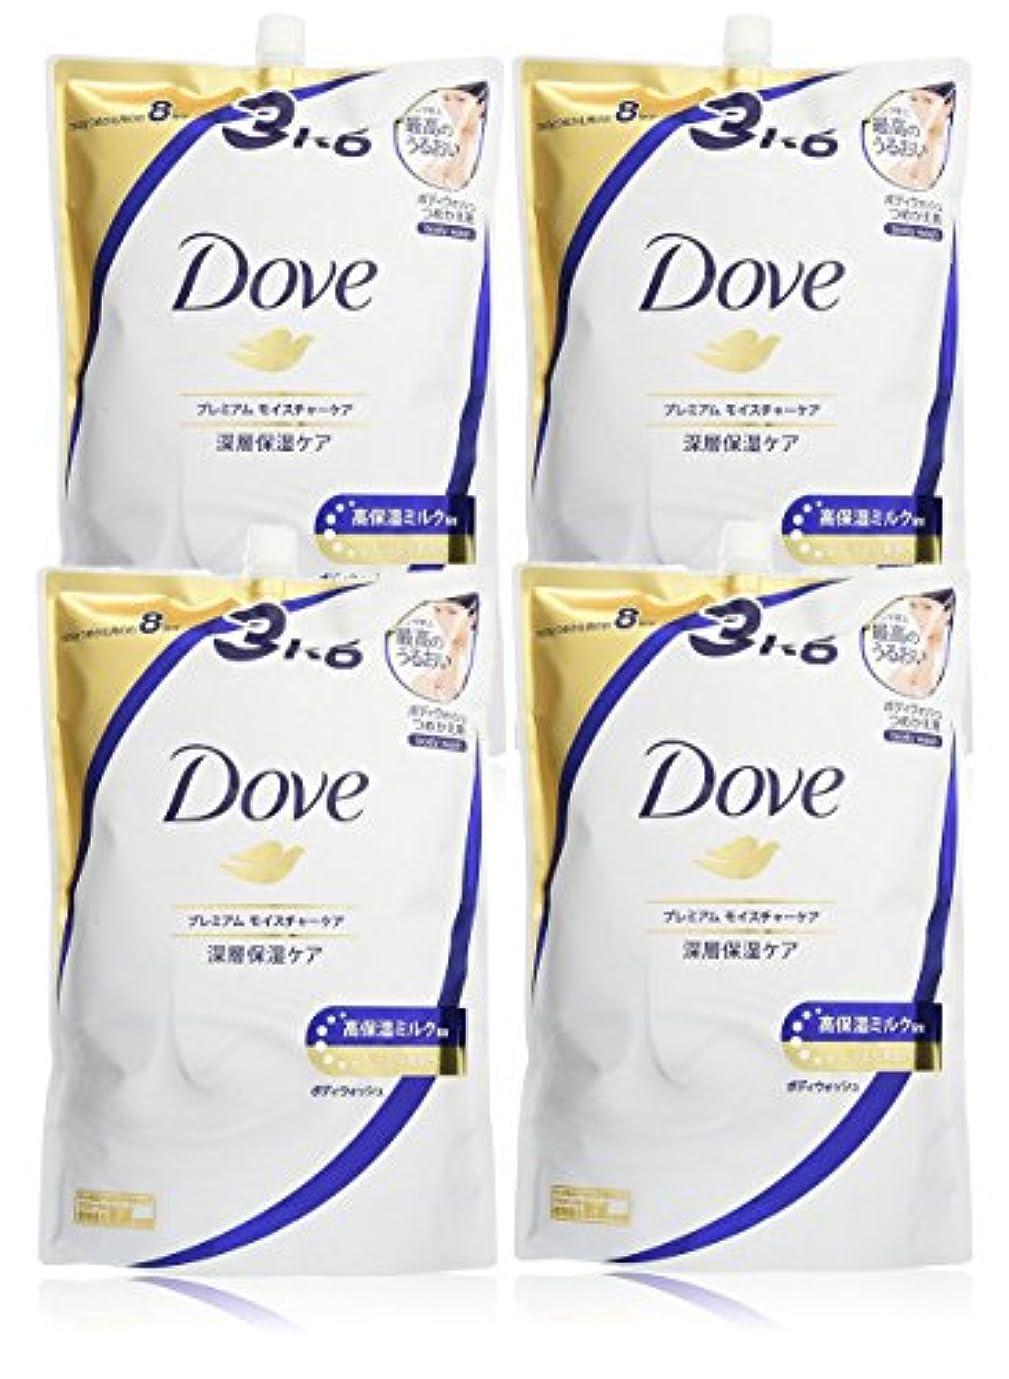 コンデンサー正しい男【ケース販売】 Dove(ダヴ) ボディウォッシュ プレミアム モイスチャーケア つめかえ用 3kg×4個